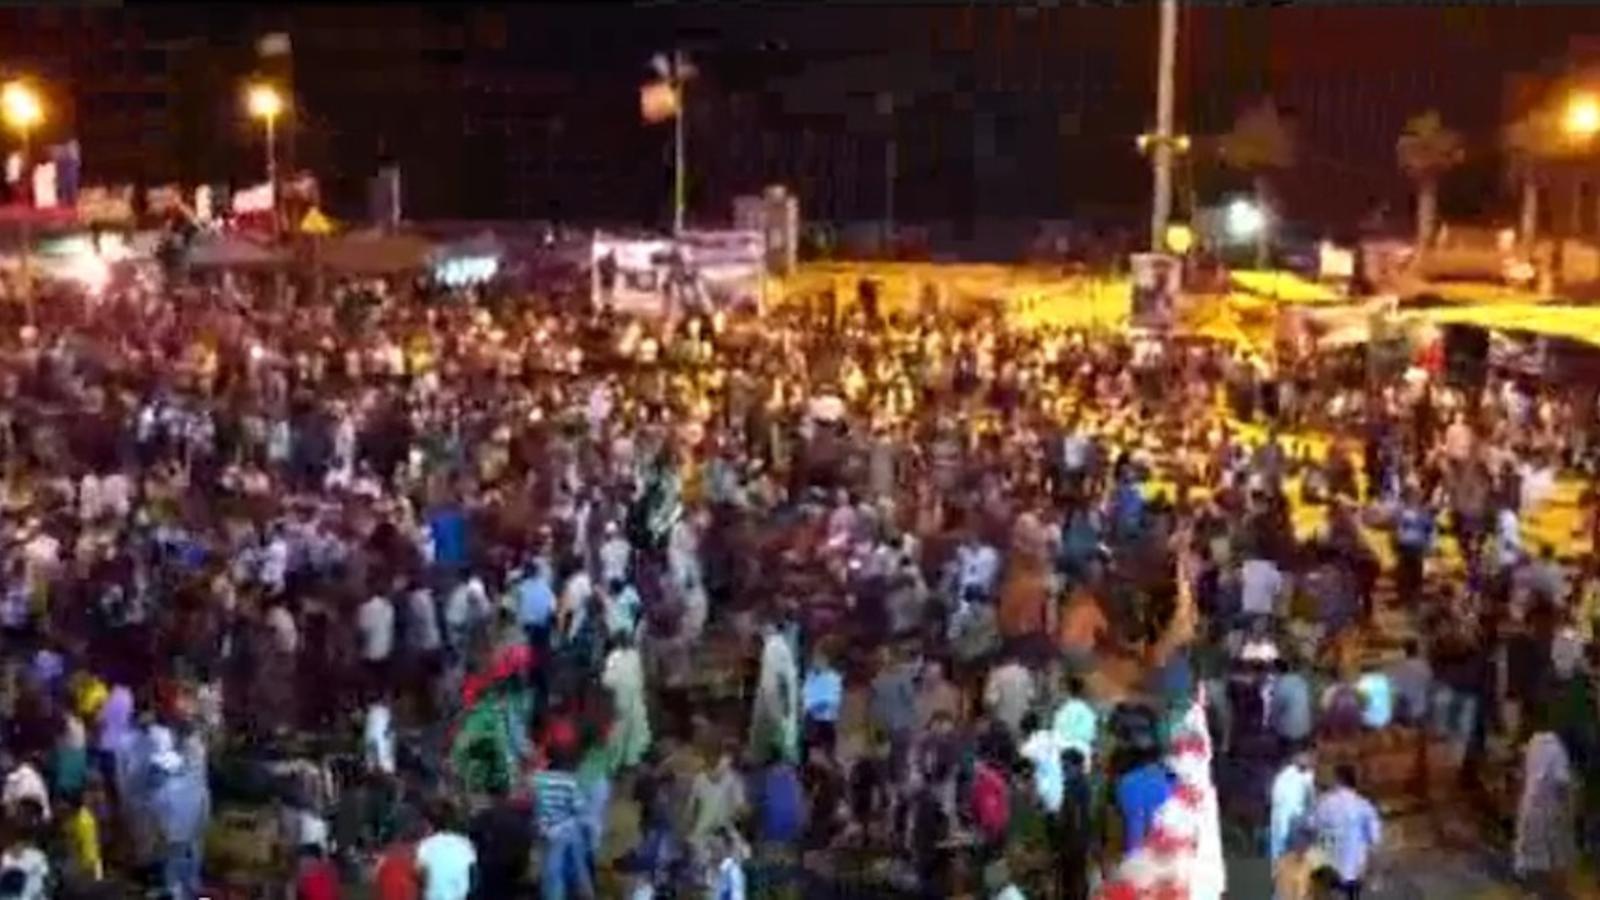 Celebracions massives a la capital rebel per la fi imminent del règim de Gaddafi